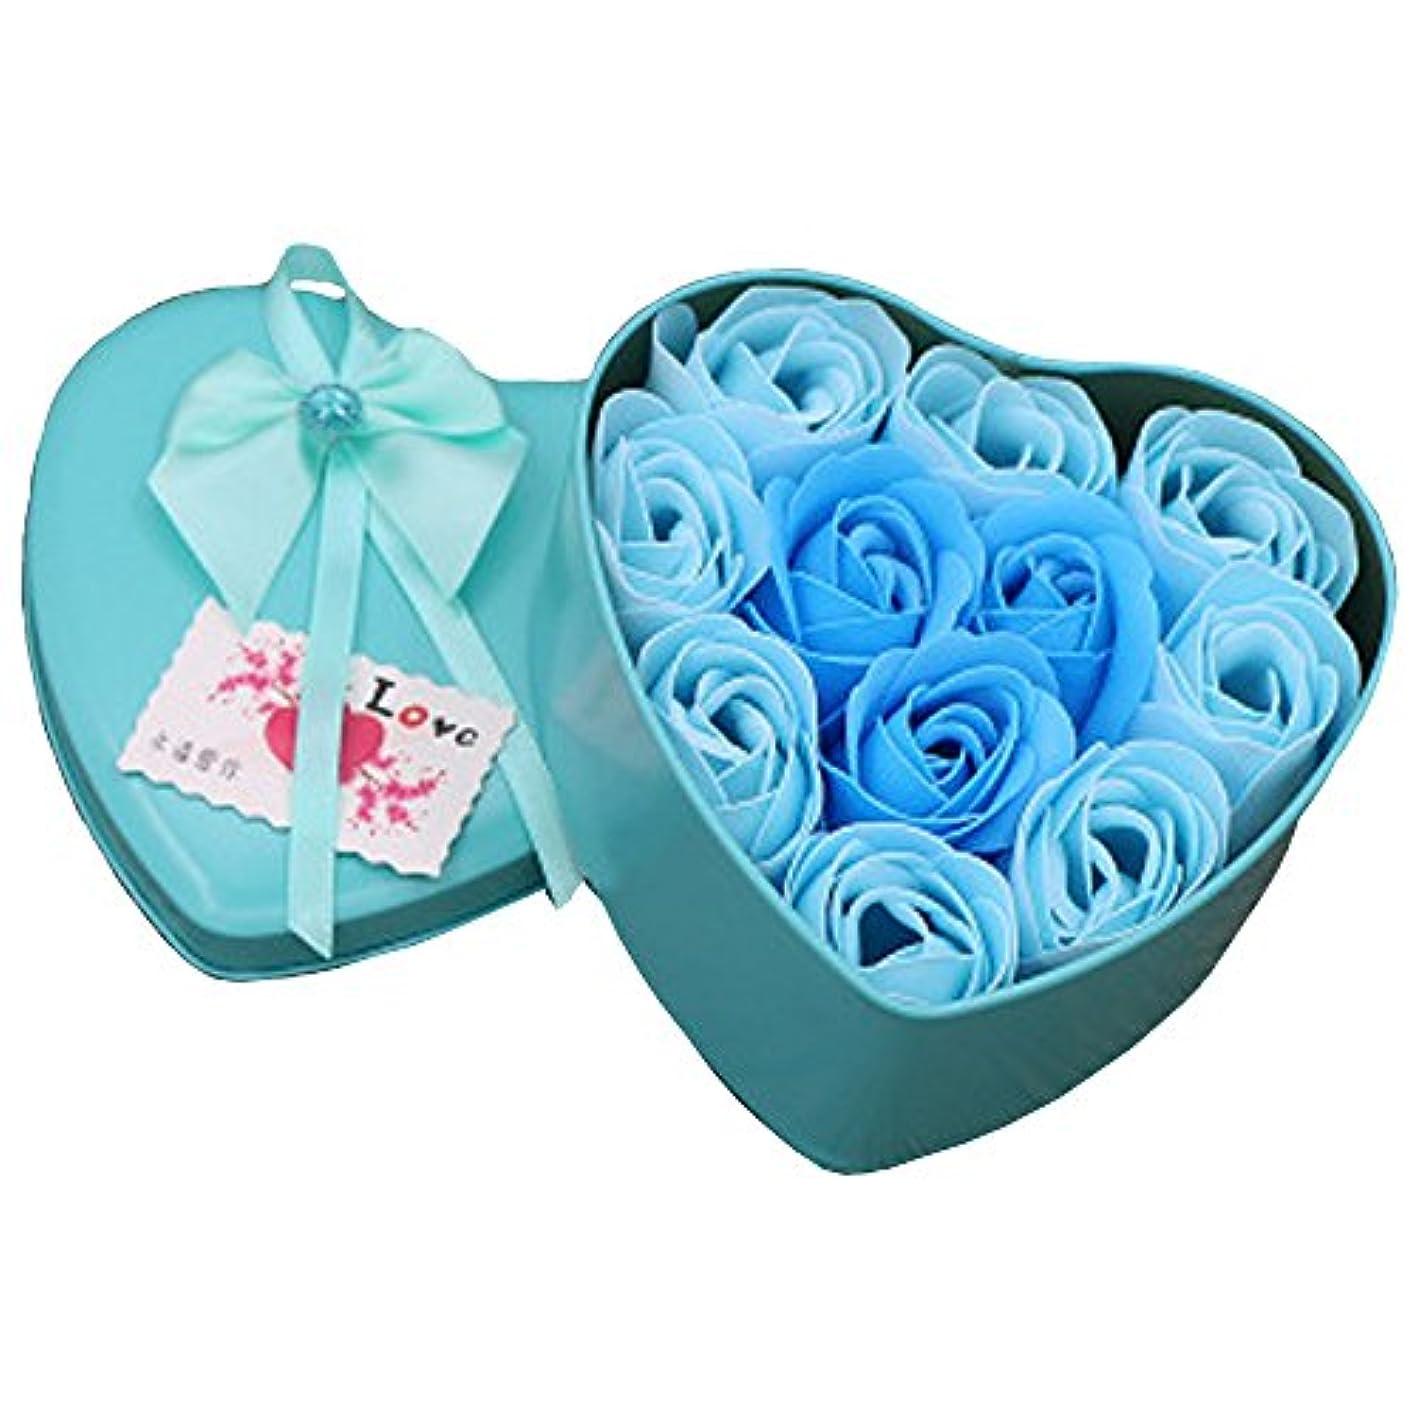 満たす彼女自身トレーダーiCoole ソープフラワー 石鹸花 ハードフラワー形状 ギフトボックス入り 母の日 バレンタインデー お誕生日 ギフト